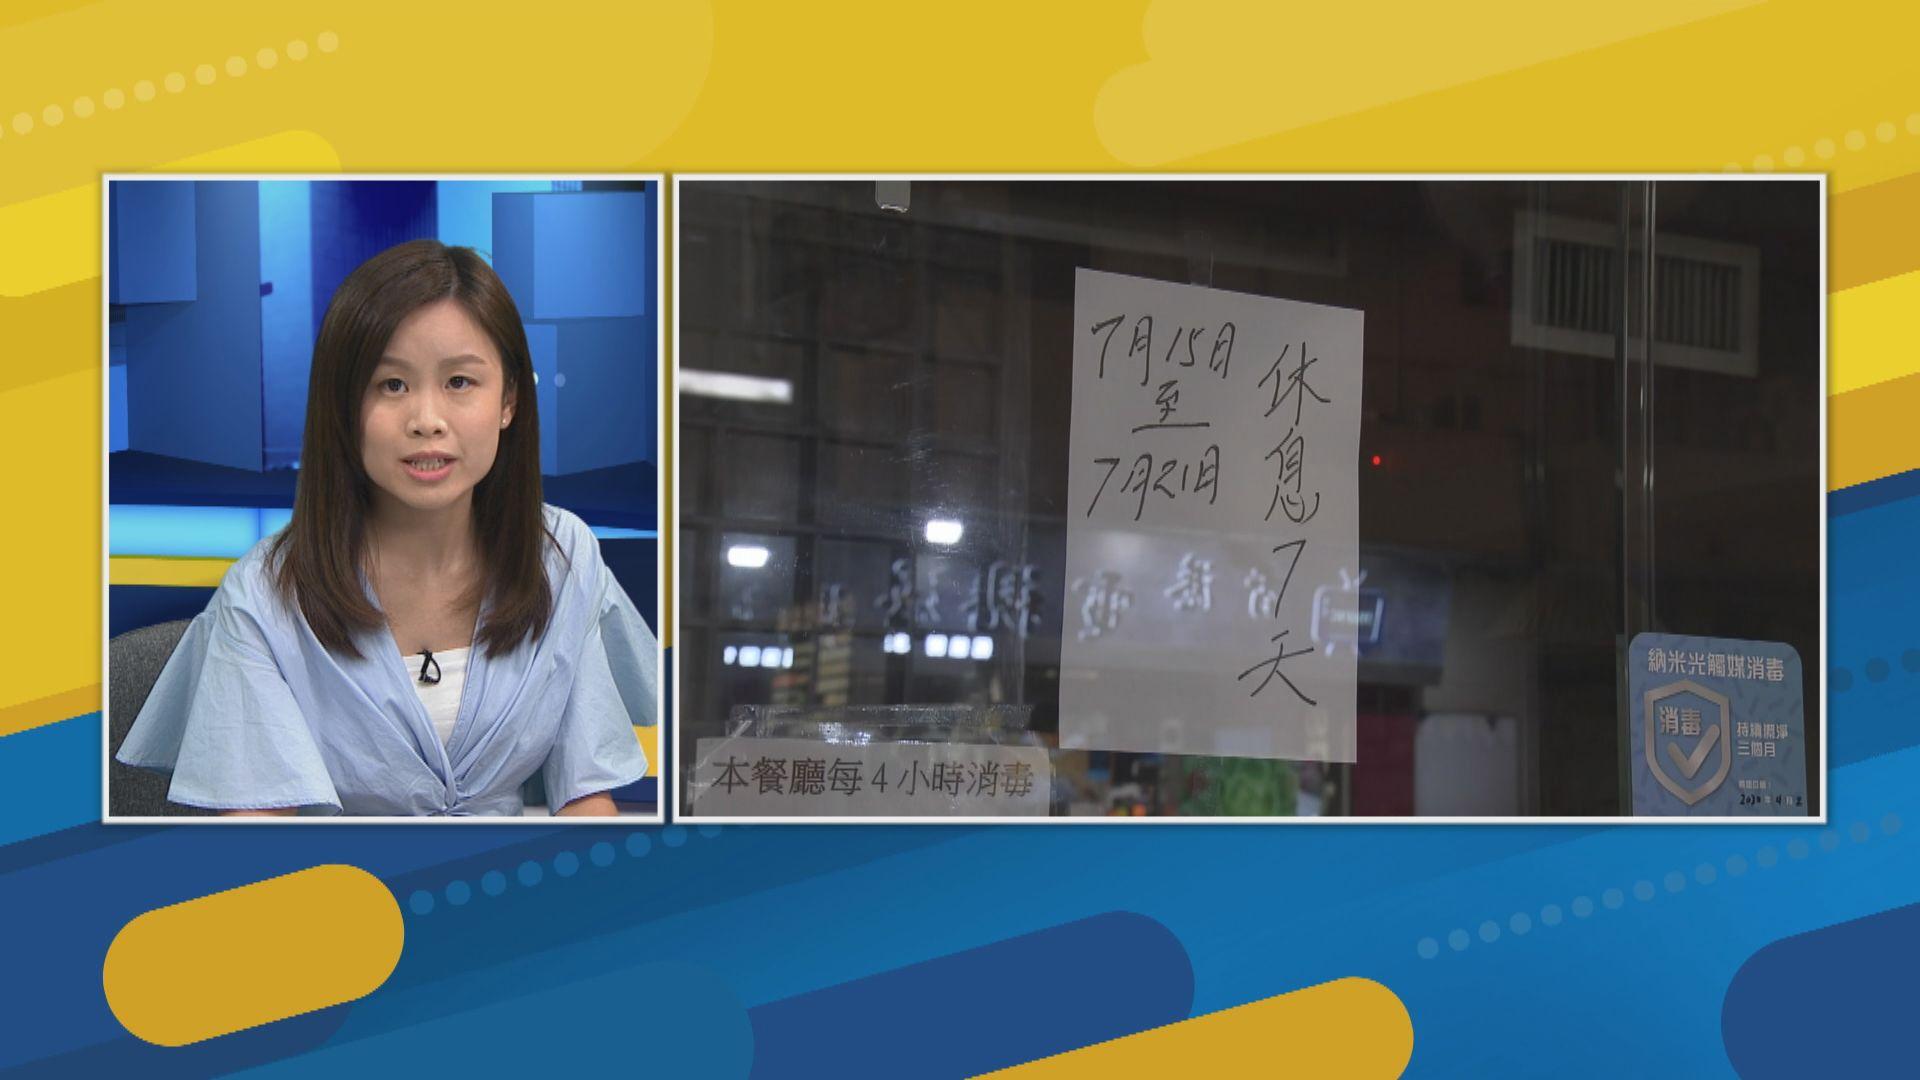 【政情】食肆防疫「辣招」惹爭議 公務員照返工免商界反彈